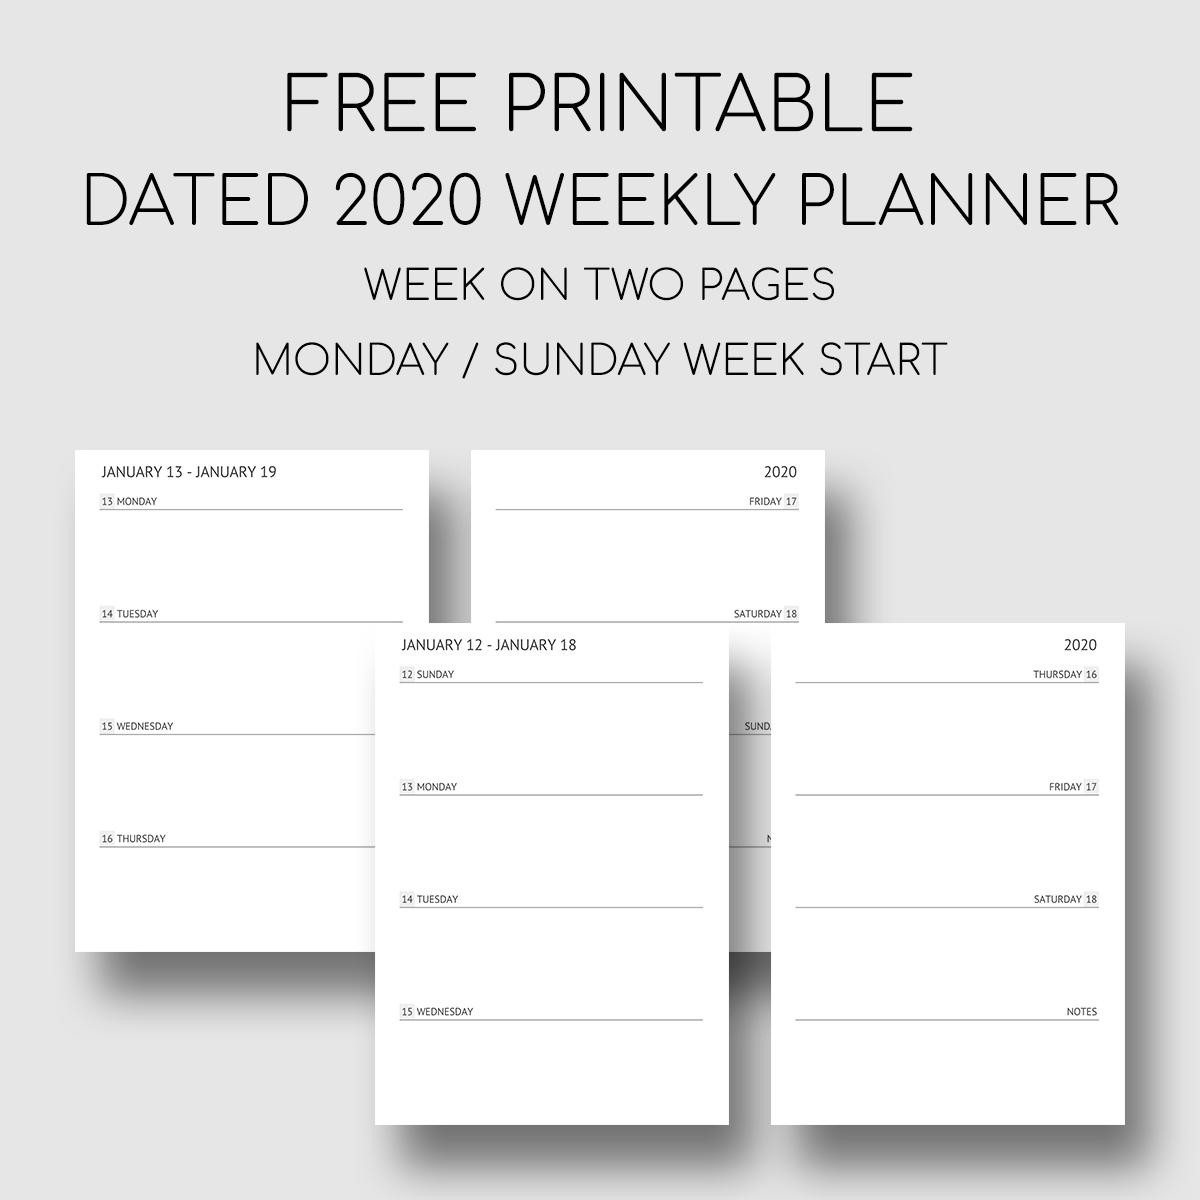 Printable Dated 2020 Weekly Planner Weekly Planner Free Printable Weekly Planner Template Weekly Planner Printable